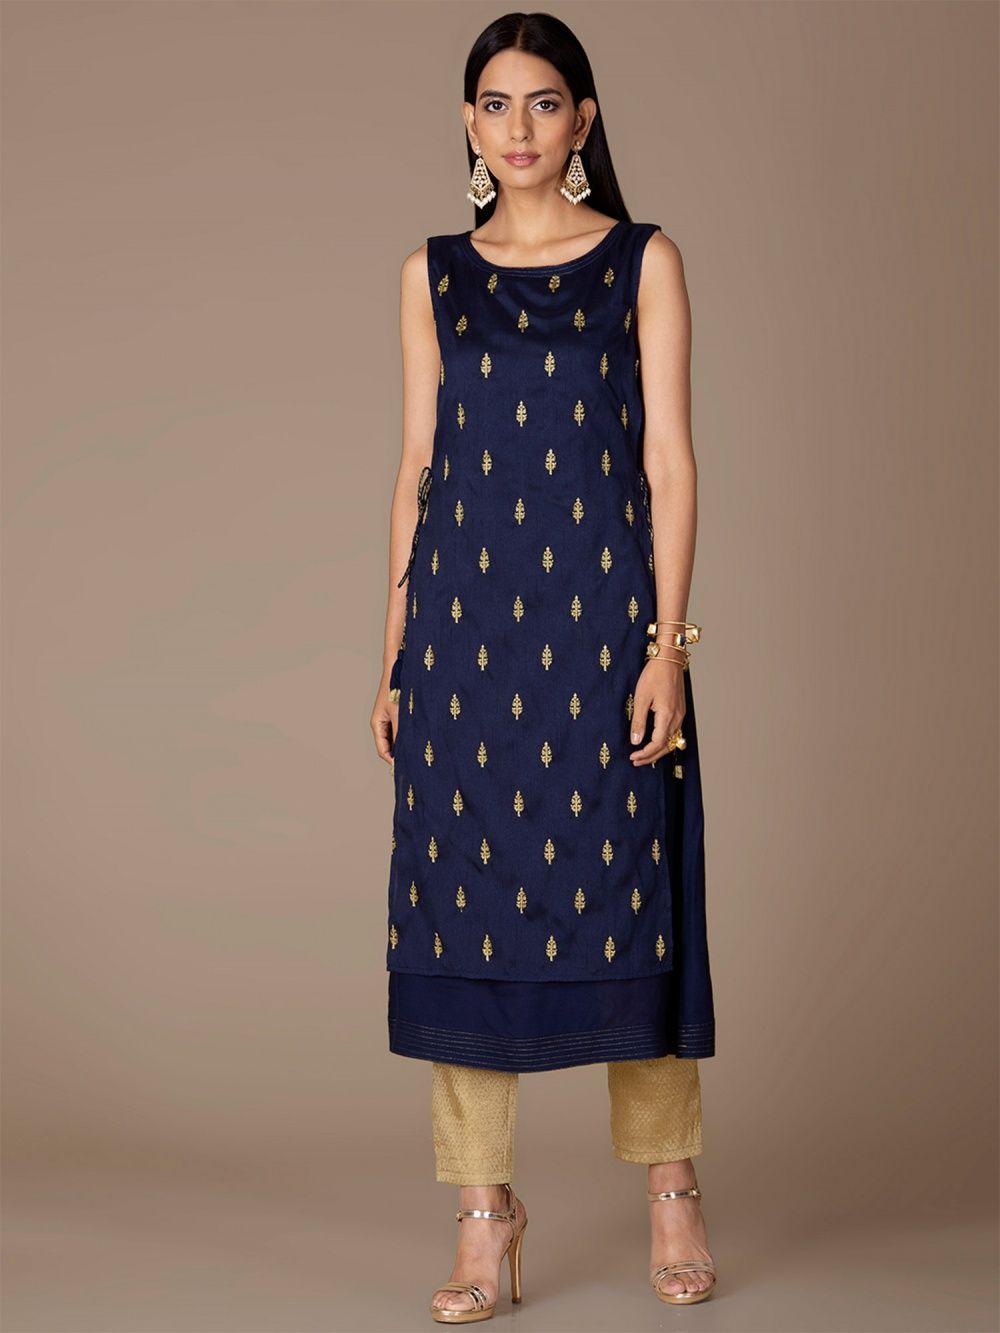 d99ef117a52 Indya Kurtis Kurtas and Tunics : Buy Indya Navy Blue Embroidered ...